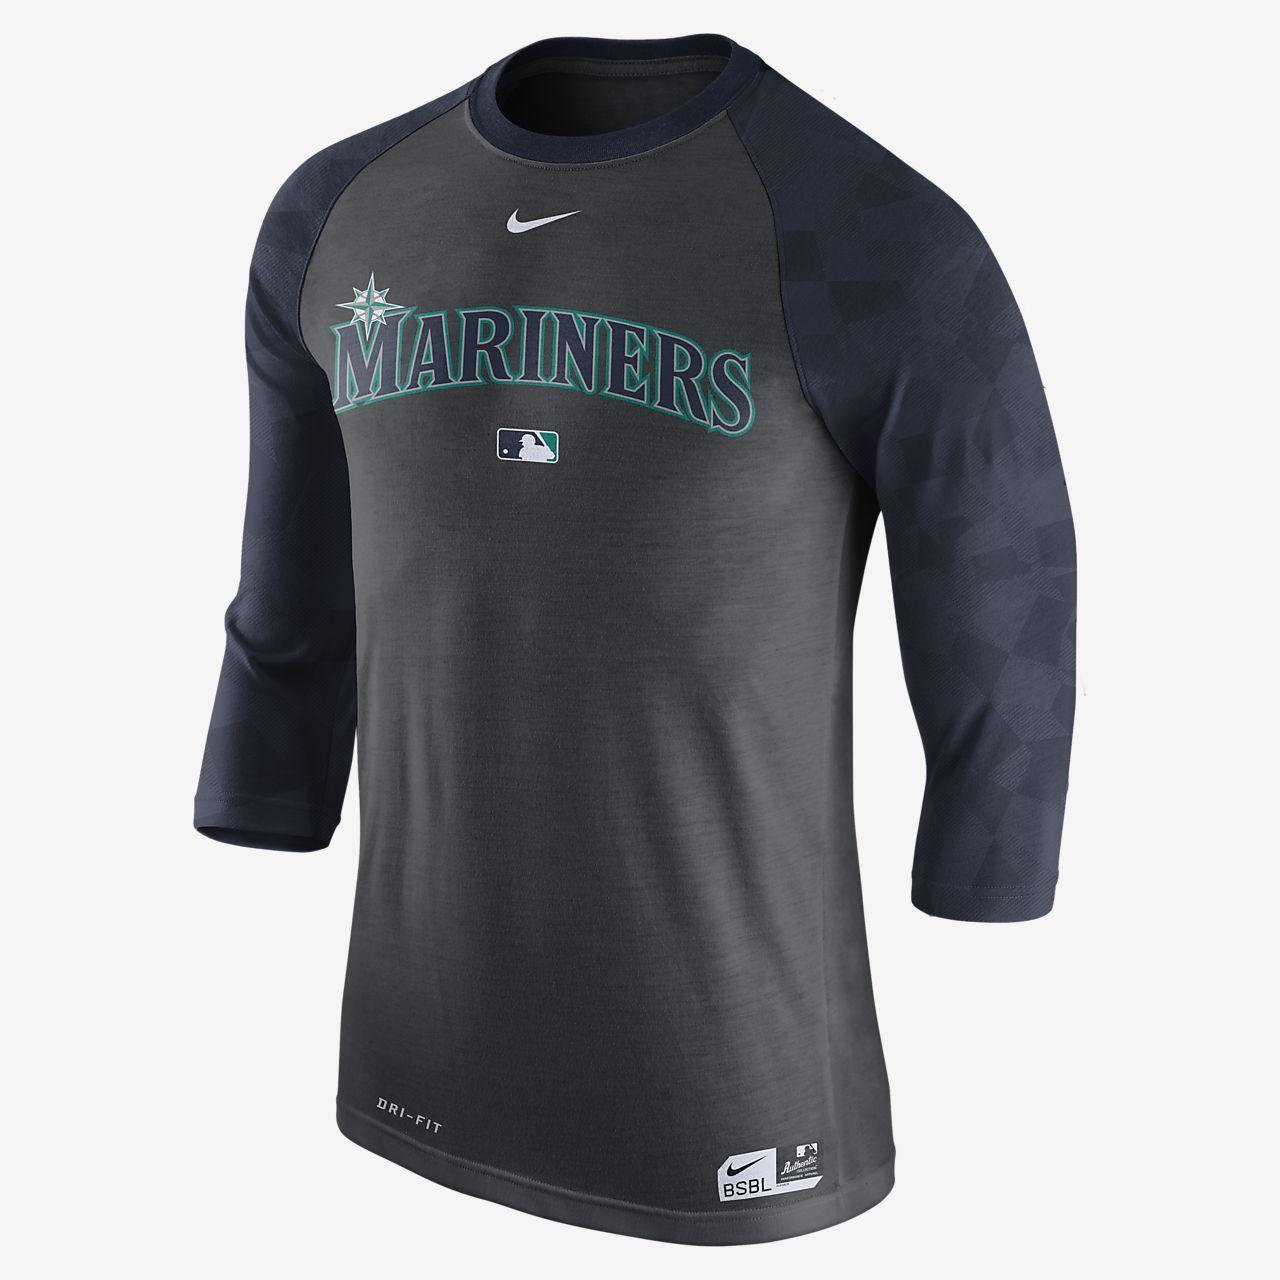 Nike Legend Raglan (MLB Mariners) Men's 3/4 Sleeve Top Black